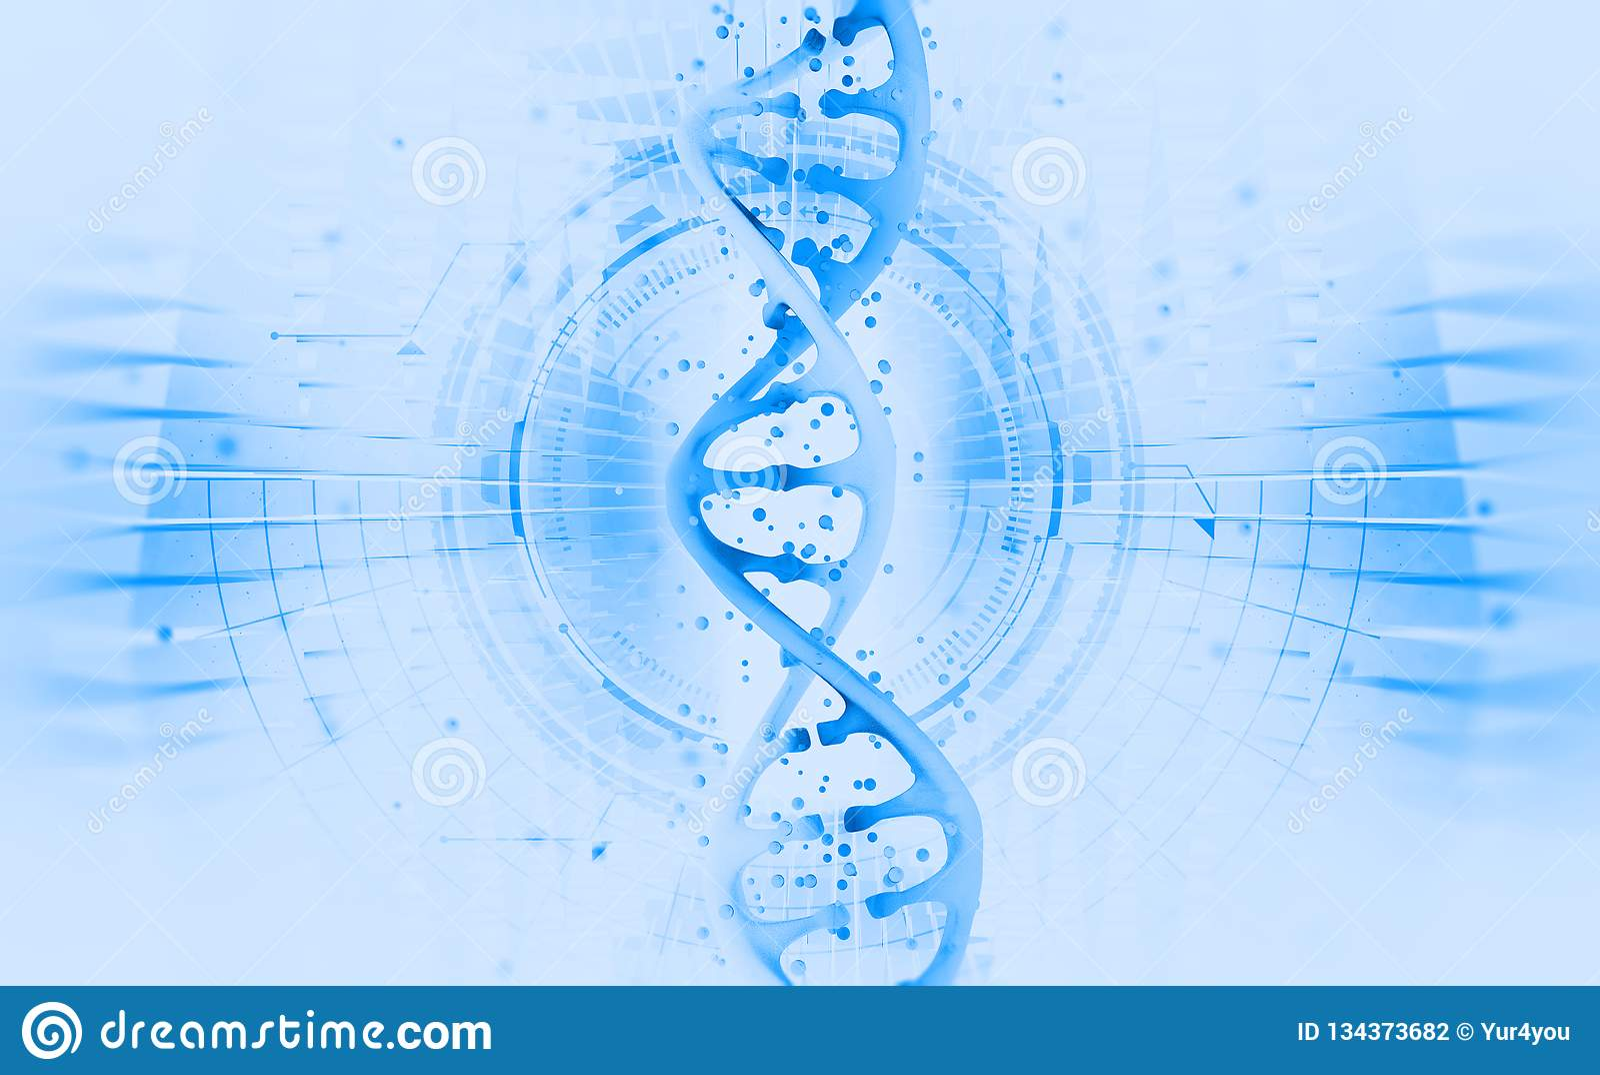 Genetische biologie wetenschappelijk concept Hallo Technologie-technologie op het gebied van genetische biologie Het werk aangaan